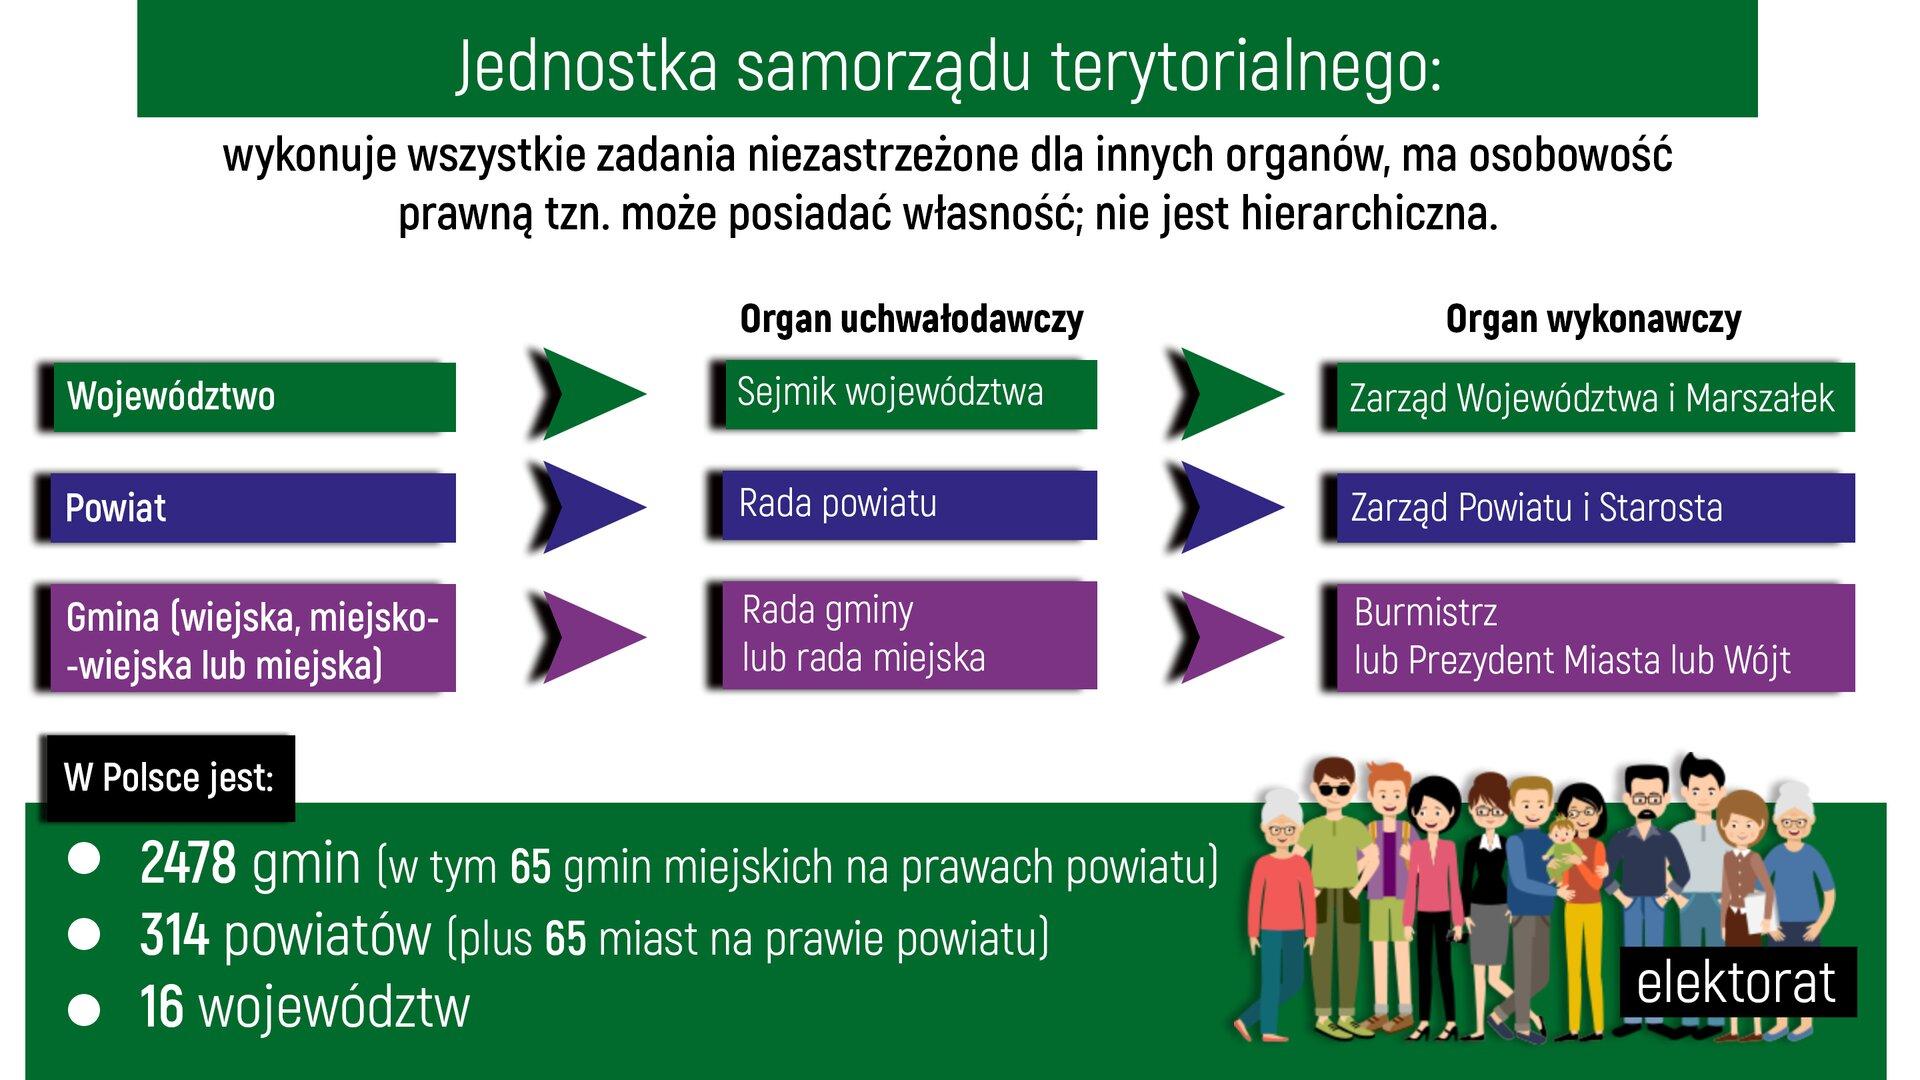 """Ilustracja przedstawia schemat działania jednostki samorządu terytorialnego. Na środku ilustracji na zielonym tle została zapisana białymi literami definicja: """"Jednostka samorządu terytorialnego"""", aponiżej tekst """"wykonuje wszystkie zadania niezastrzeżone dla innych organów, ma osobowość prawną, to znaczy, może posiadać własność; nie jest hierarchiczna"""". Pod definicją na białym tle ułożone są trzy wiersze, każdy zwierszy składa się ztrzech klocków.Nad pierwszym wierszem znajduje się napis """"Organ uchwałodawczy"""". Wiersz pierwszy wpostaci prostokąta na zielonym tle zawiera biały napis """"Województwo"""". Kolejny po prawej zielony prostokąt zawiera napis """"Sejmik województwa"""". Nad ostatnim prostokątem znajduje się napis """"Organ wykonawczy"""". Ostatni zielony prostokąt zawiera napis """"Zarząd Województwa iMarszałek"""". Wdrugim wierszu znajdują się trzy prostokąty wkolorze granatowym. Pierwszy zawiera napis """"Powiat"""", kolejny """"Rada powiatu"""" iostatni """"Zarząd Powiatu iStarosta"""". """"Rada powiatu"""" jest organem uchwałodawczym, a""""Zarząd Powiatu iStarosta"""" jest """"organem wykonawczym"""". Wtrzecim wierszu znajdują się trzy prostokąty wkolorze fioletowym. Pierwszy zawiera napis """"Gmina"""", kolejny """"Rada gminy lub rada miejska"""" iostatni """"Burmistrz lub Prezydent miasta lub Wójt"""". """"Rada gminy lub rada miejska"""" jest organem uchwałodawczym, a""""Burmistrz lub Prezydent miasta lub Wójt"""" jest """"organem wykonawczym"""". Na dole ilustracji na zielonym tle, białymi literami znajduje się informacja:""""W Polsce jest:2478 gmin ( wtym 65 gmin miejskich na prawach powiatu)314 powiatów (plus 65 miast na prawie powiatu)16 województw"""". Po prawej stronie ilustracji wnarożniku na zielonym tle znajduje się grafika przedstawiająca dwanaścioro ludzi wróżnym wieku (kobiety, mężczyźni, jedno dziecko na rękach kobiety) podpisanych elektorat."""